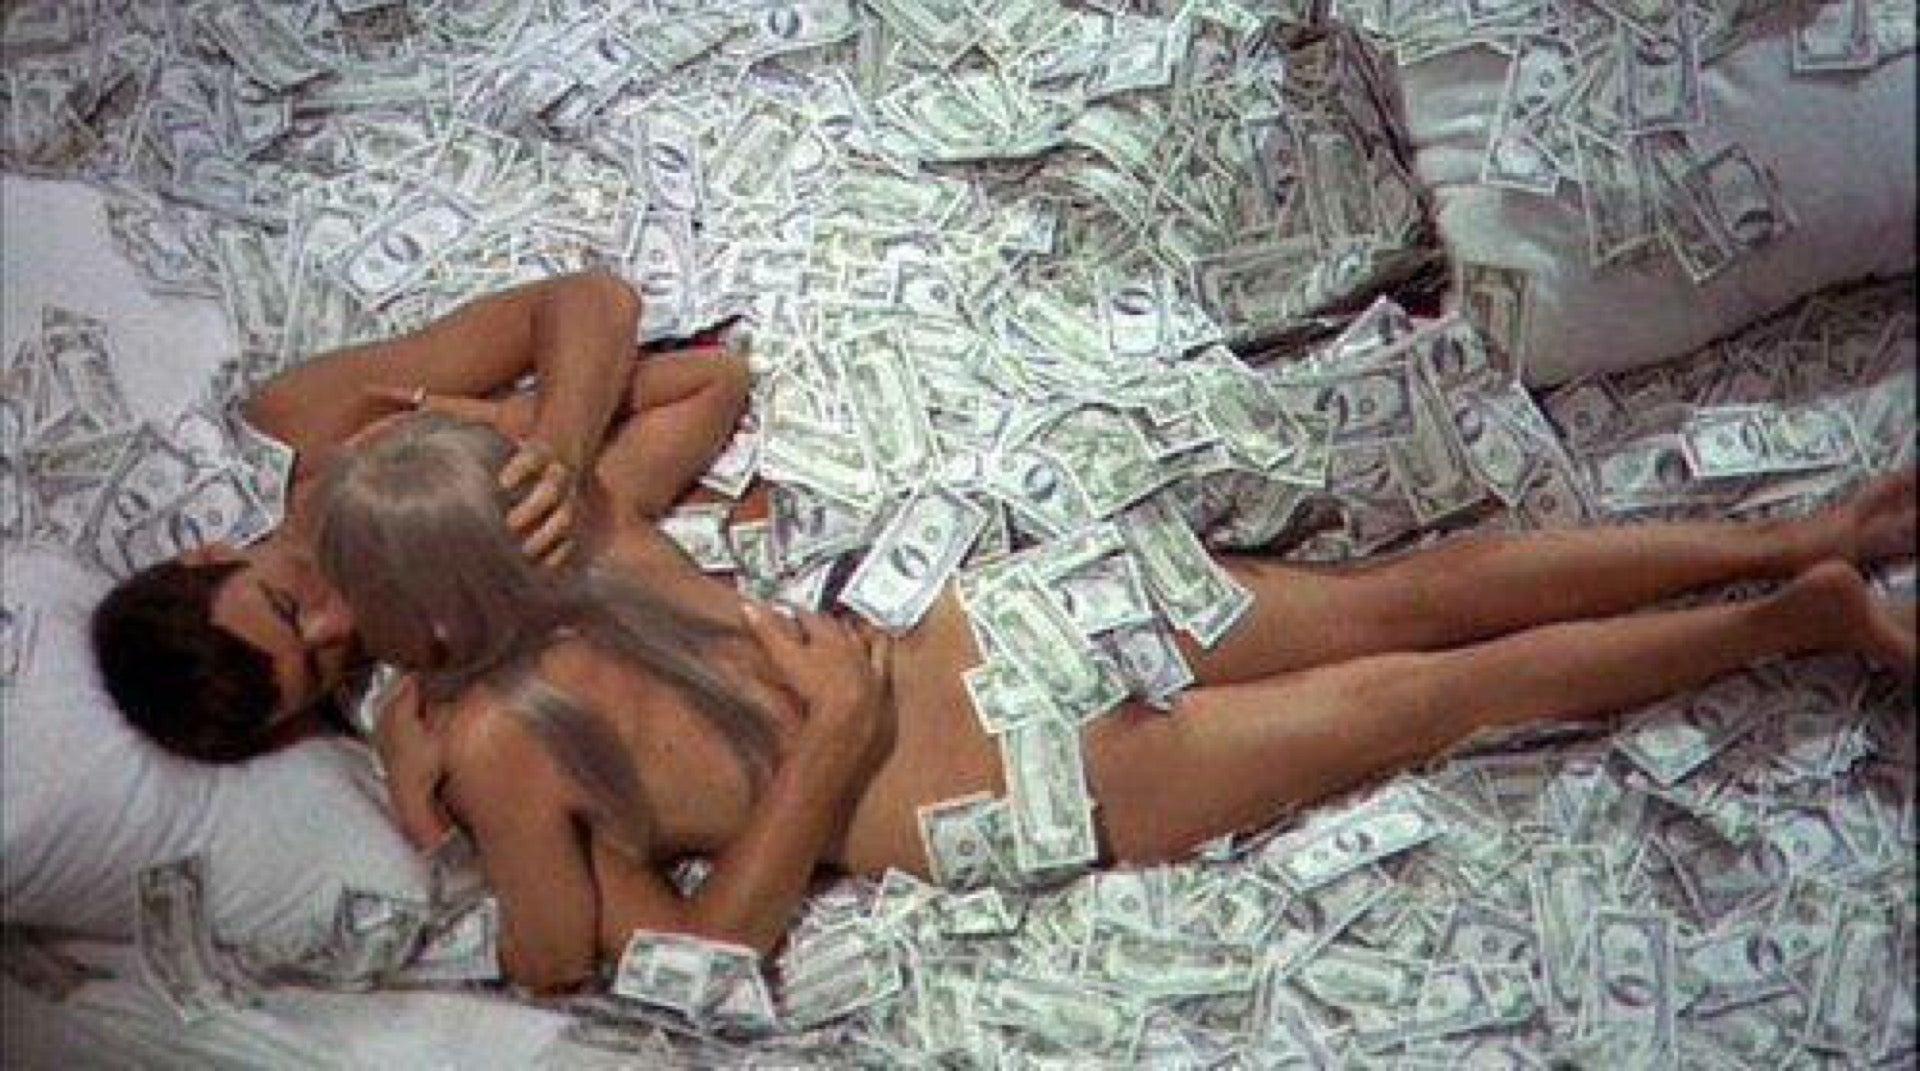 Сэкс и деньги 1 фотография